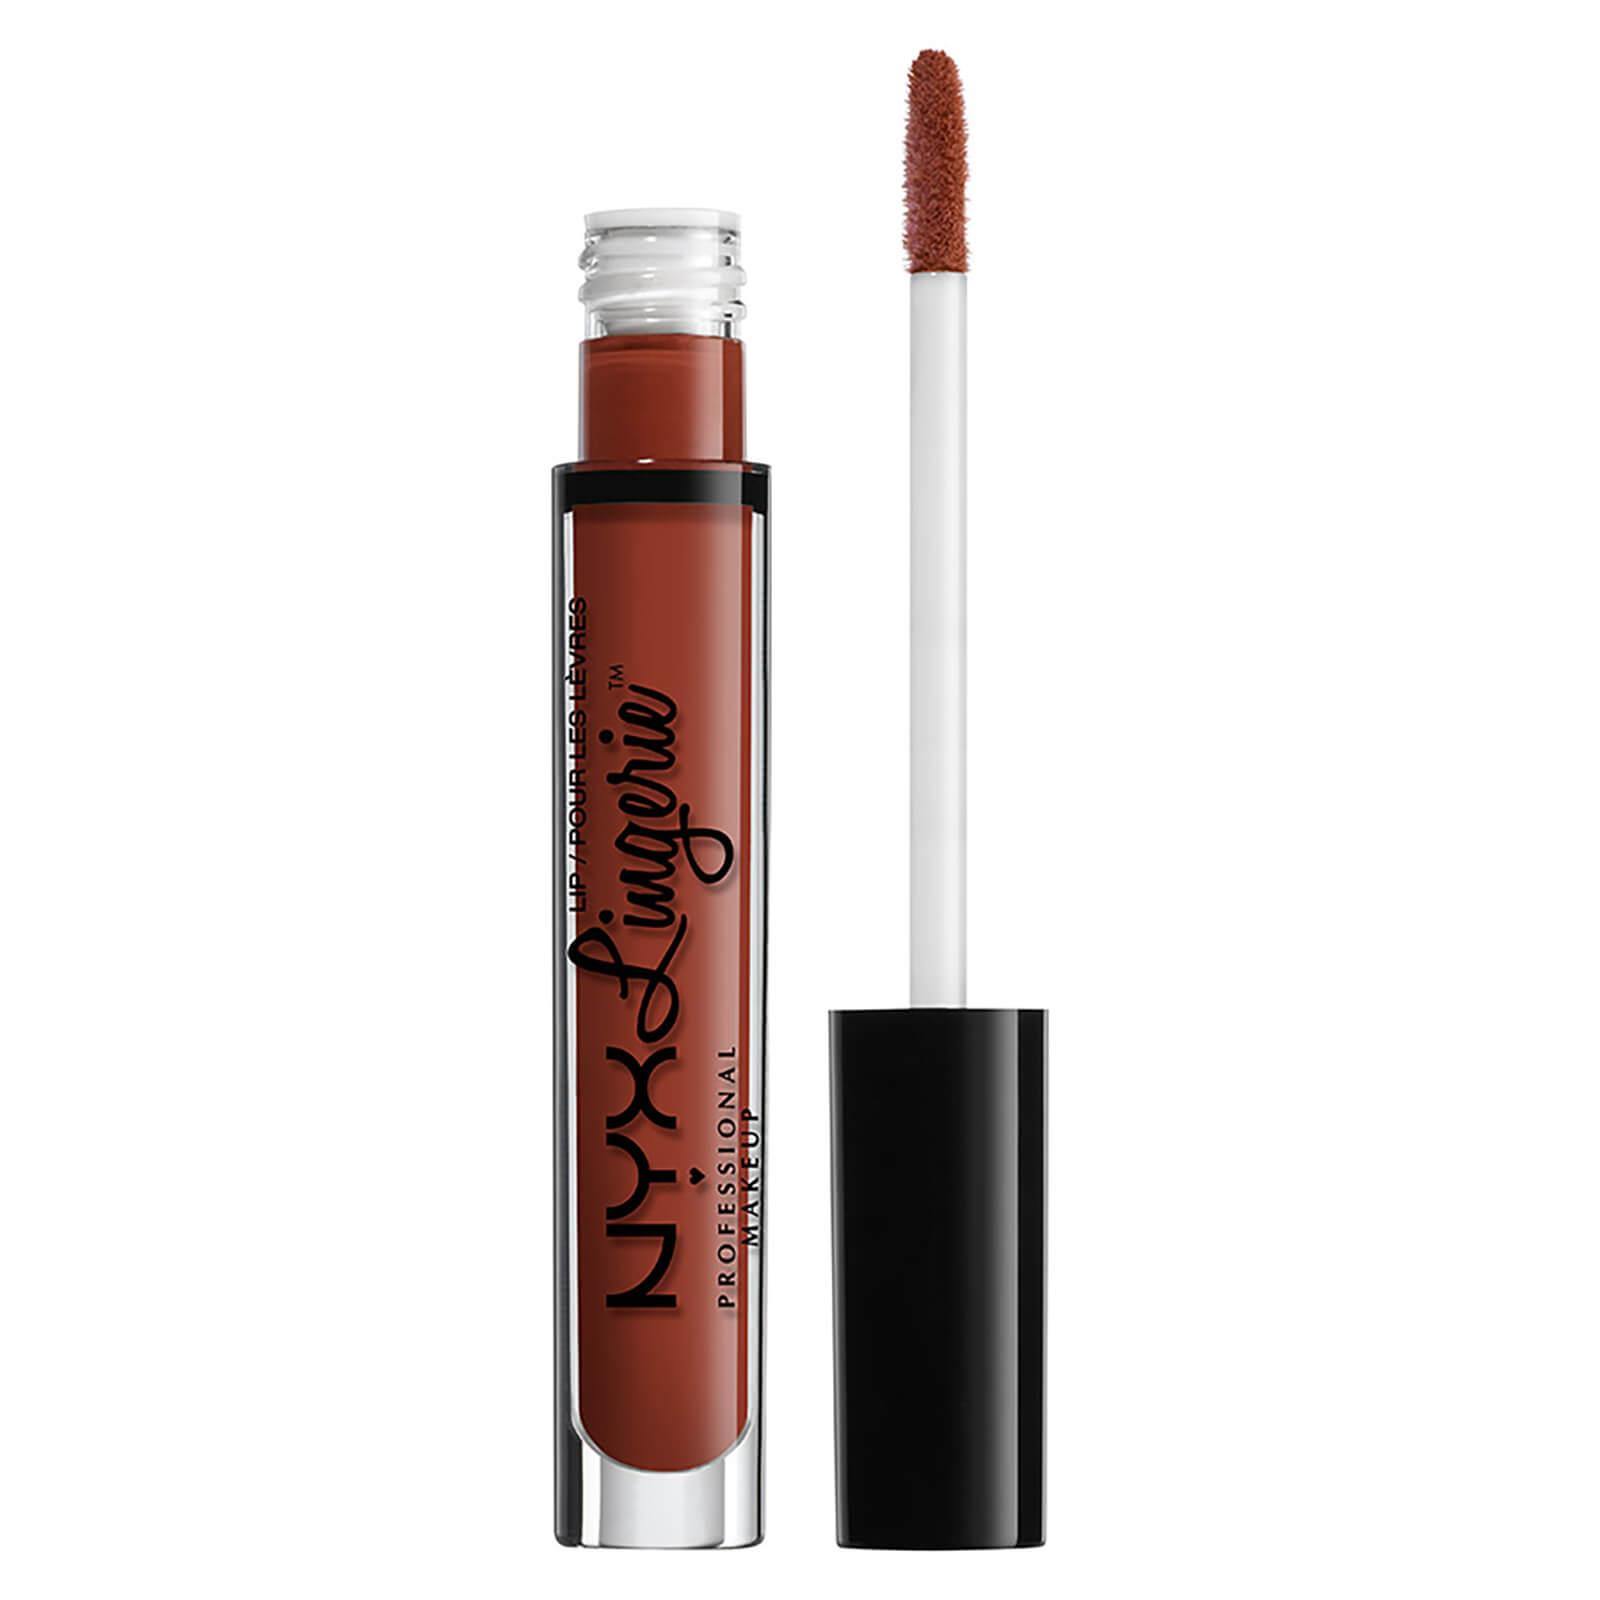 Купить Жидкая помада для губ NYX Professional Makeup Lip Lingerie Liquid Lipstick (разные оттенки) - Exotic